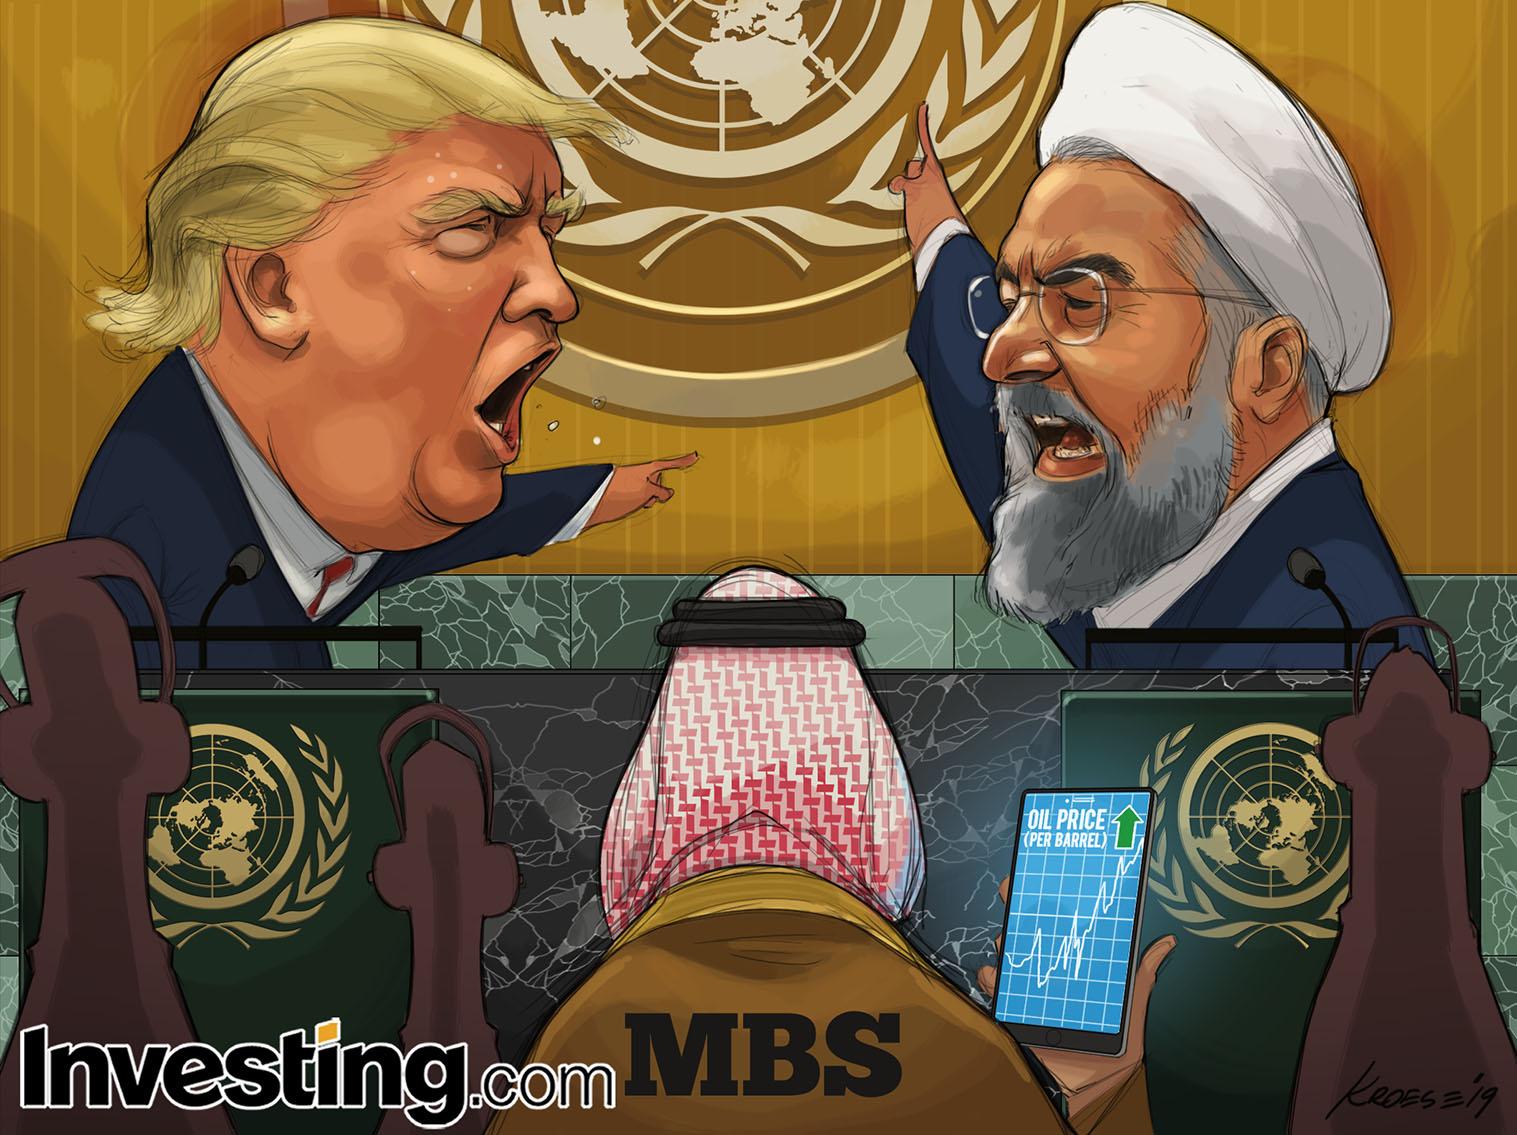 Orta Doğu'daki Gerginlikler Yükselirken Petrol Fiyatları da Yükseliyor